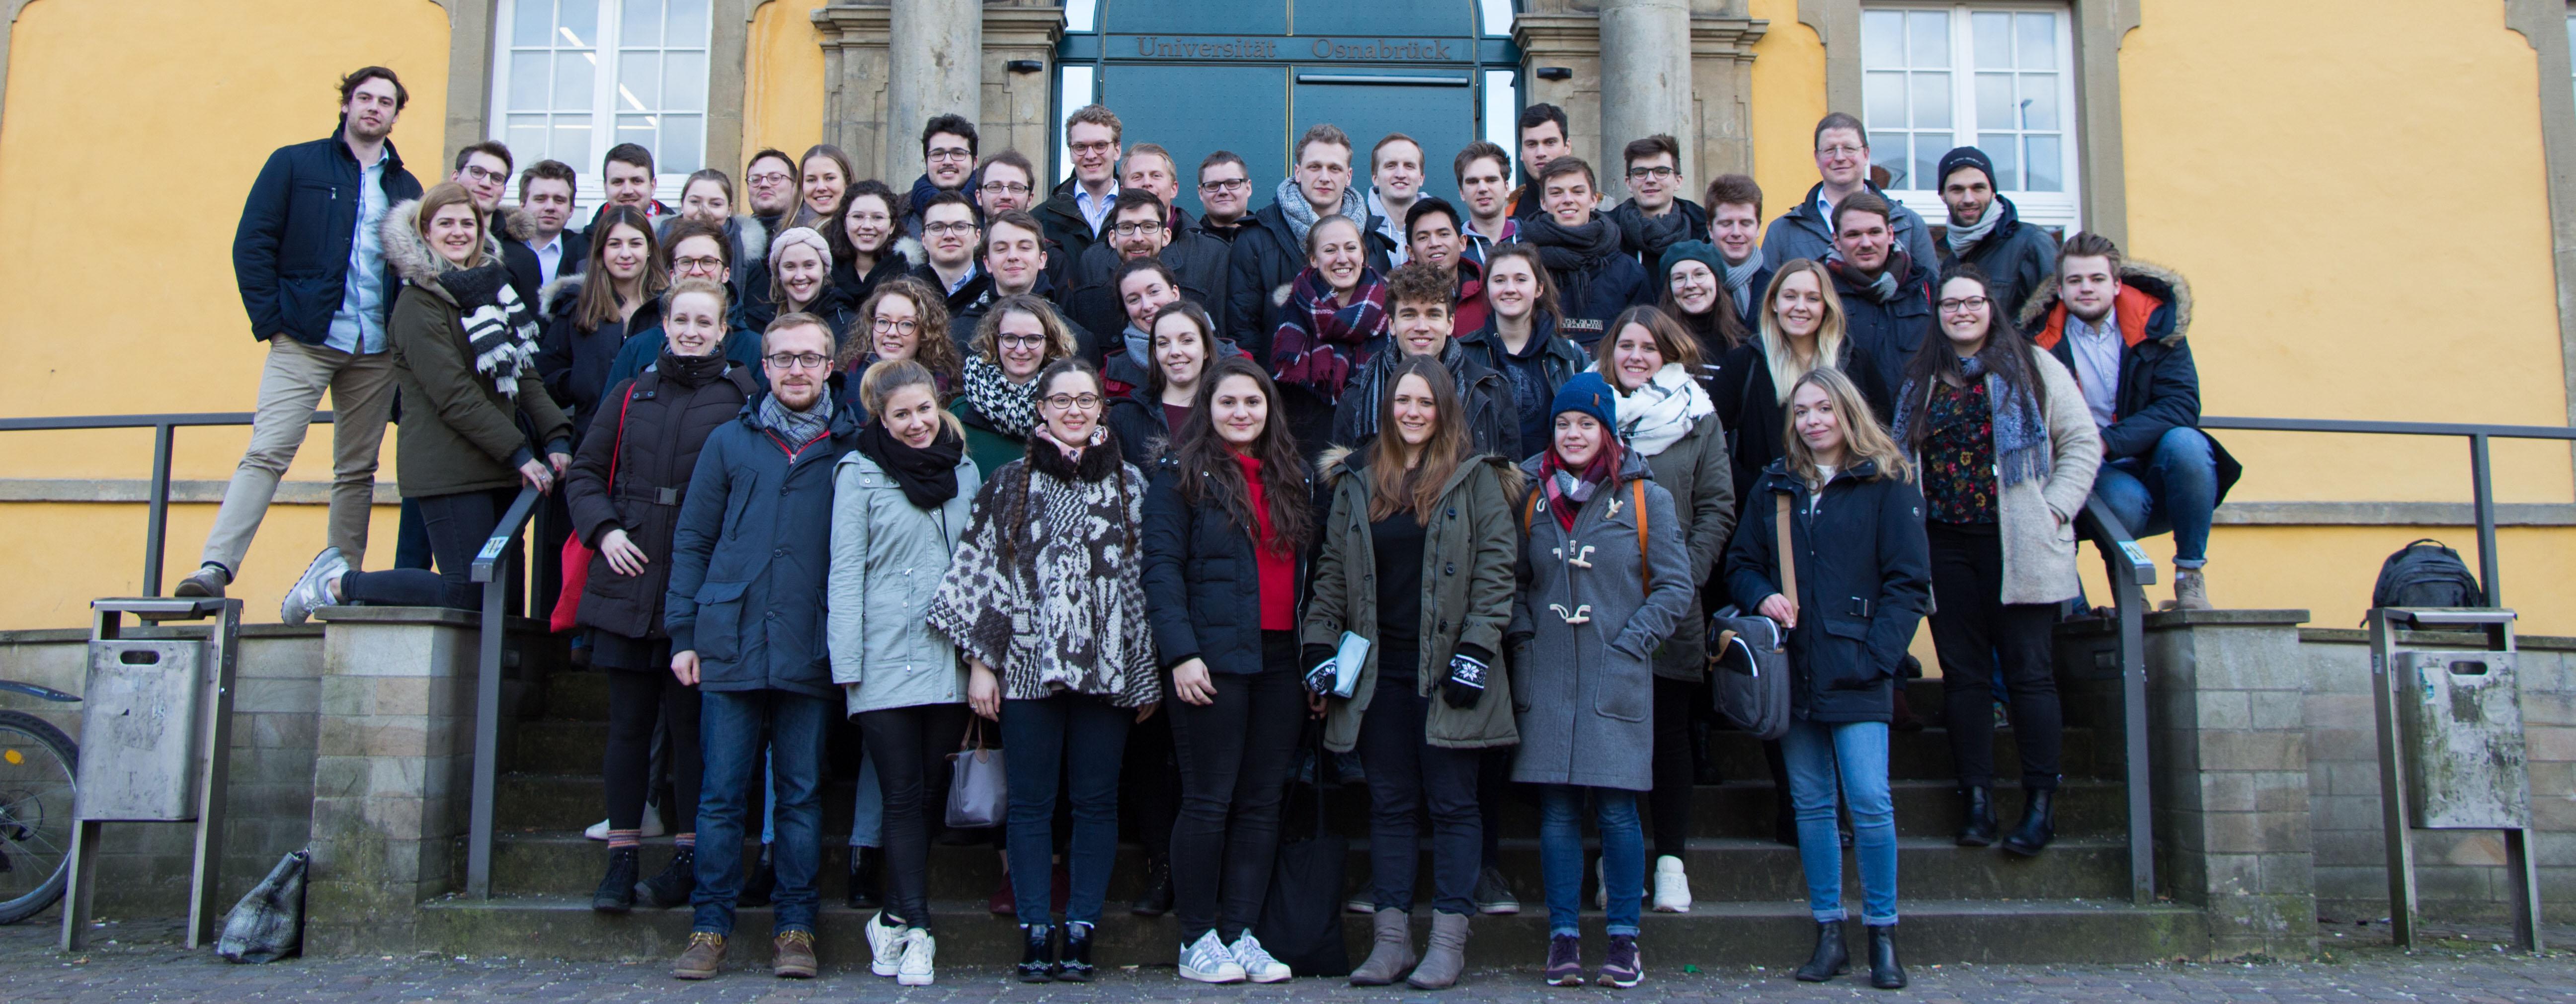 Gruppenfoto APT 2018 Osnabrück